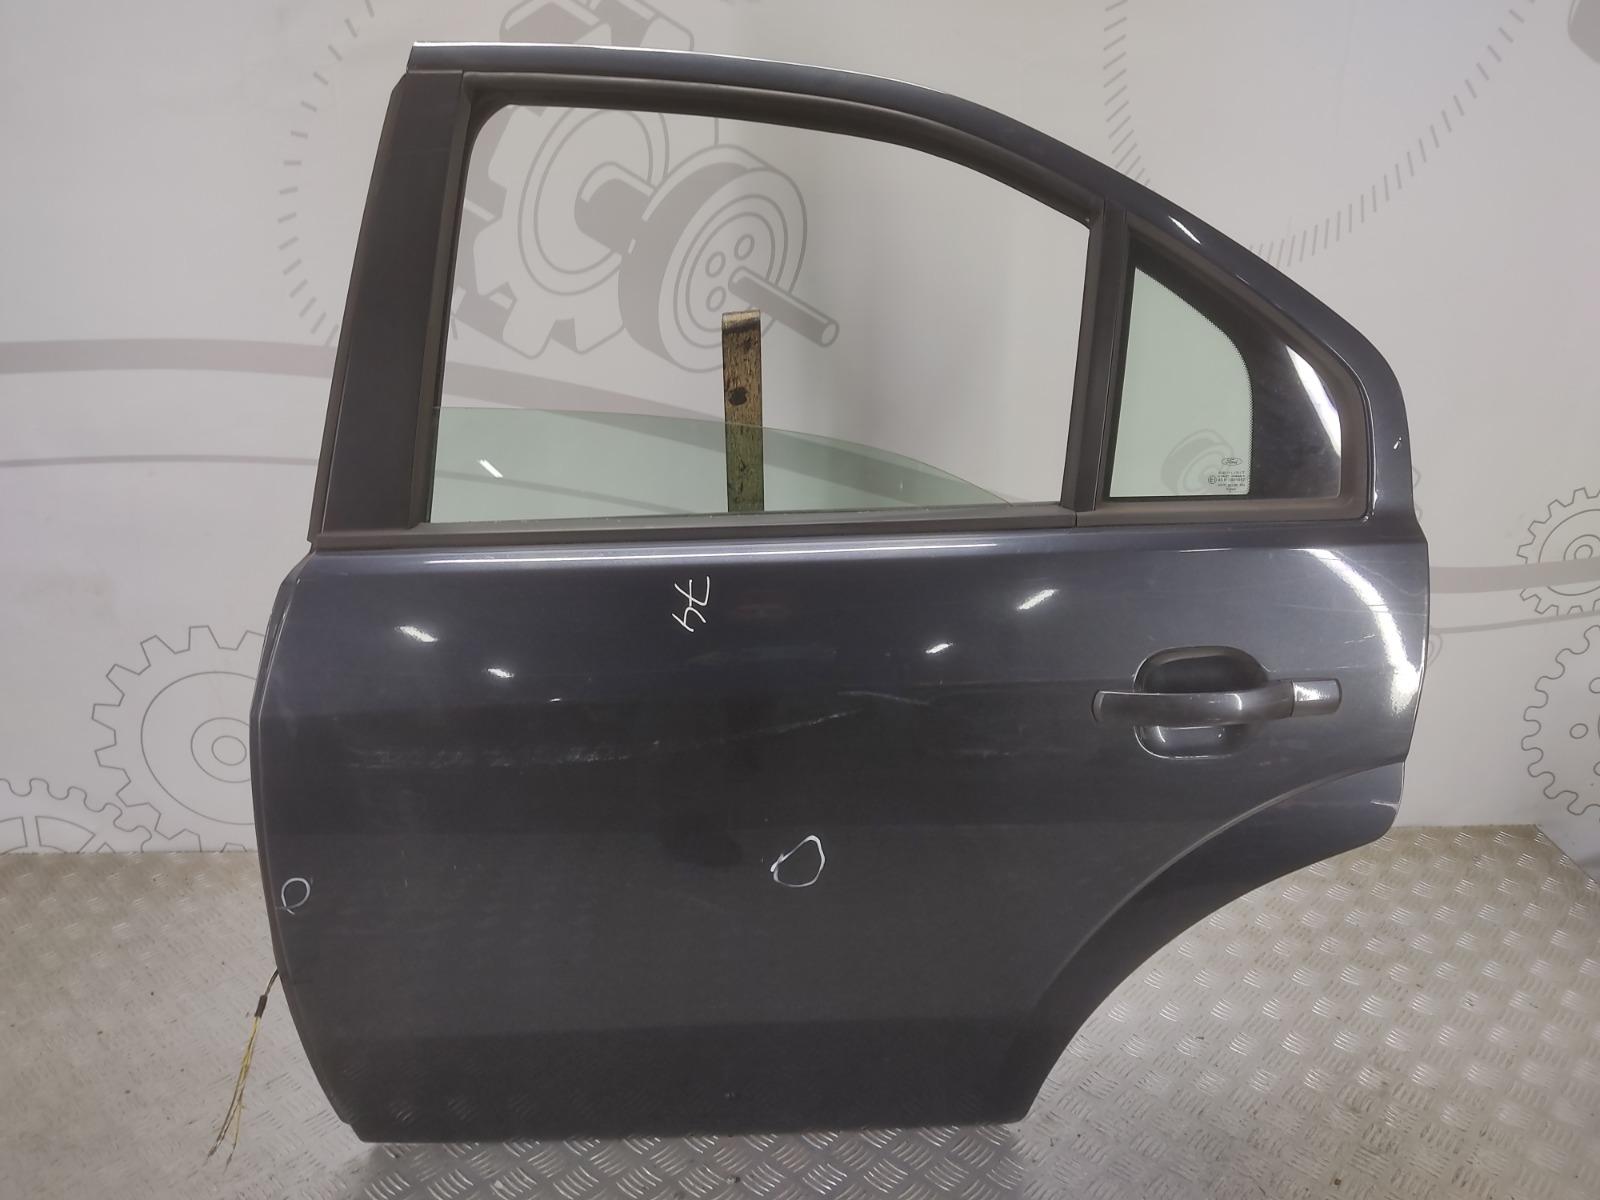 Дверь задняя левая Ford Mondeo 1.8 I 2006 (б/у)